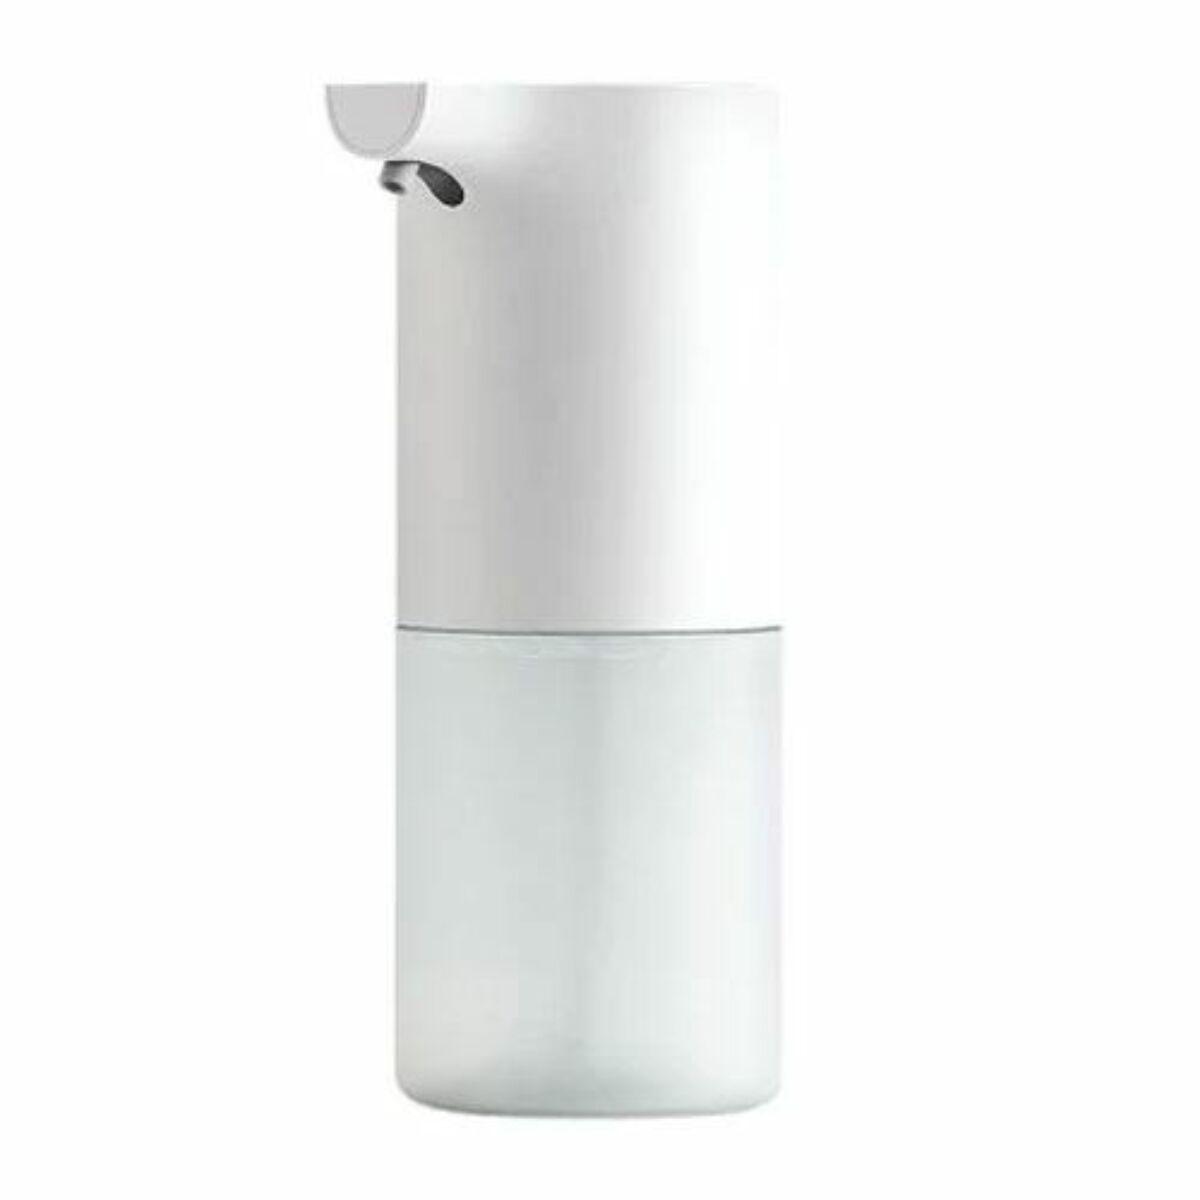 Xiaomi Mi Automatic szenzoros szappan adagoló fehér EU